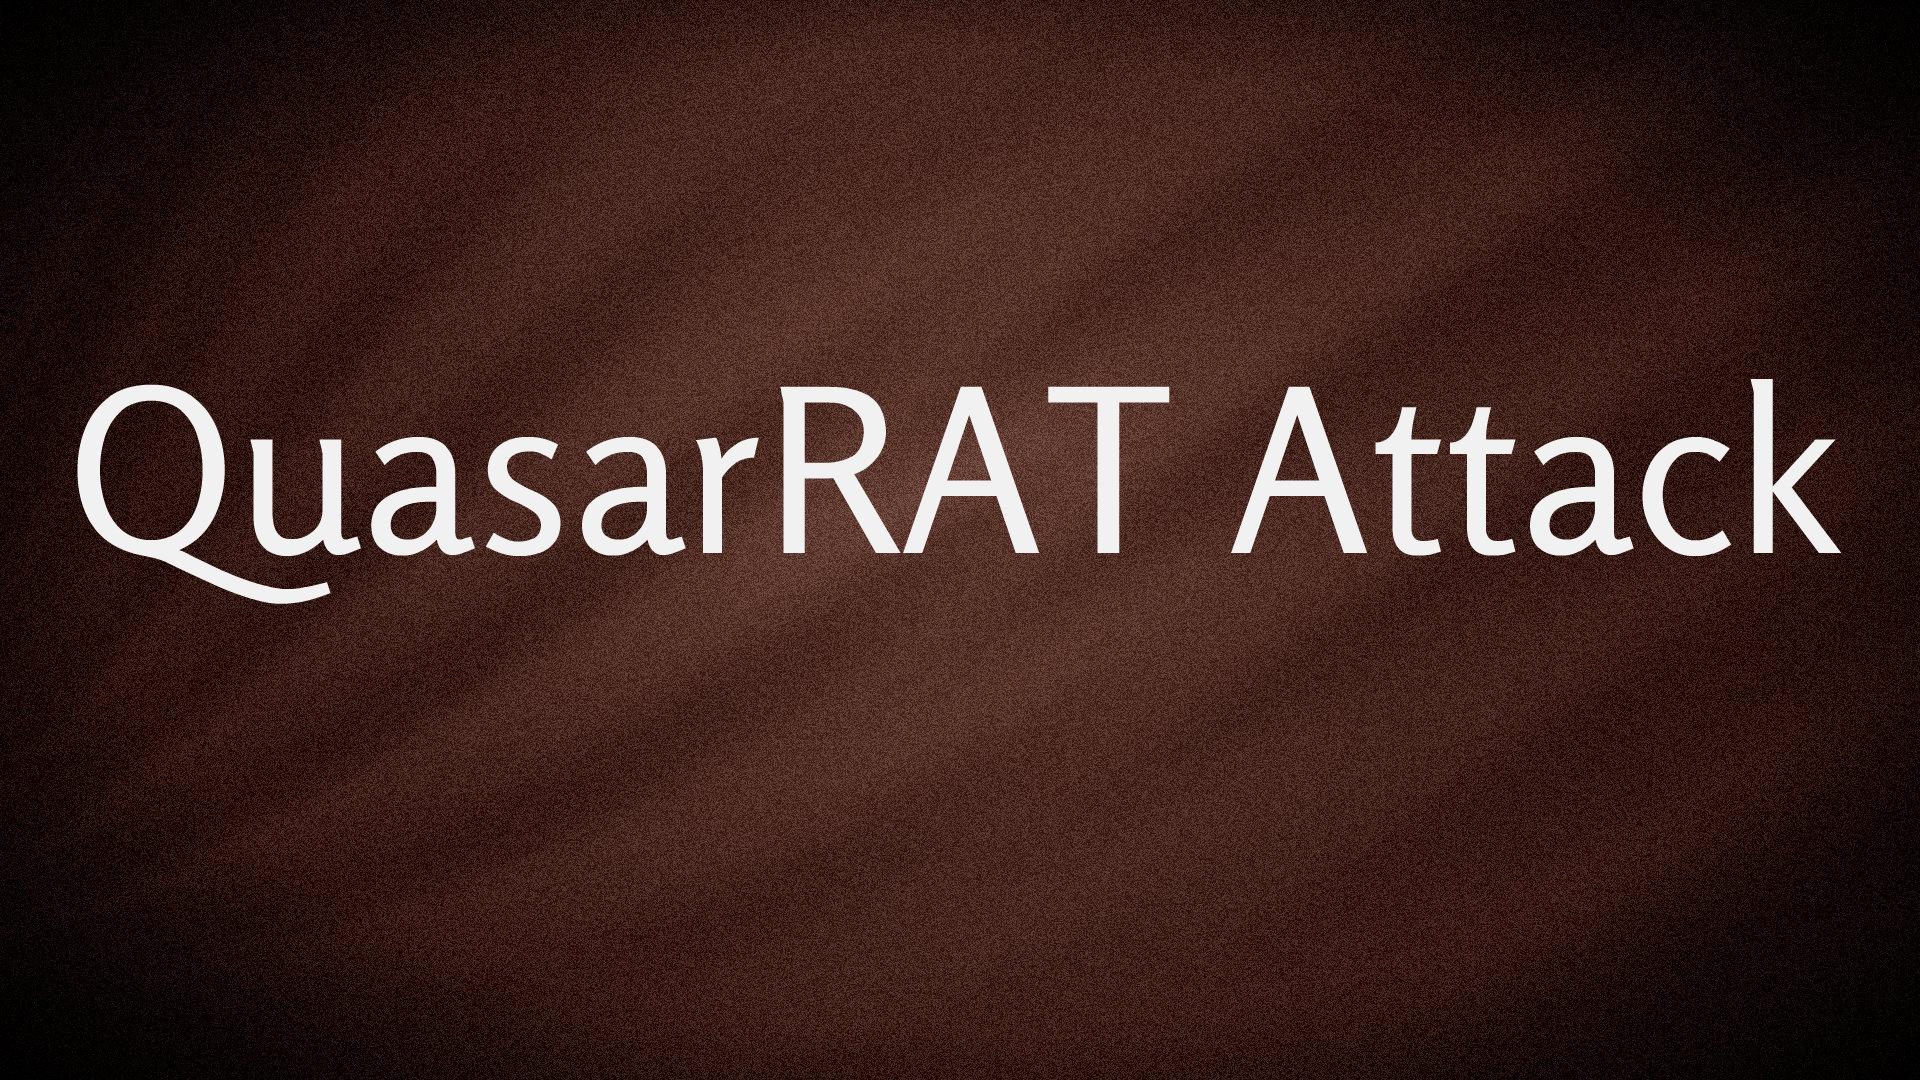 QuasarRAT Malware Targets Government Institutions